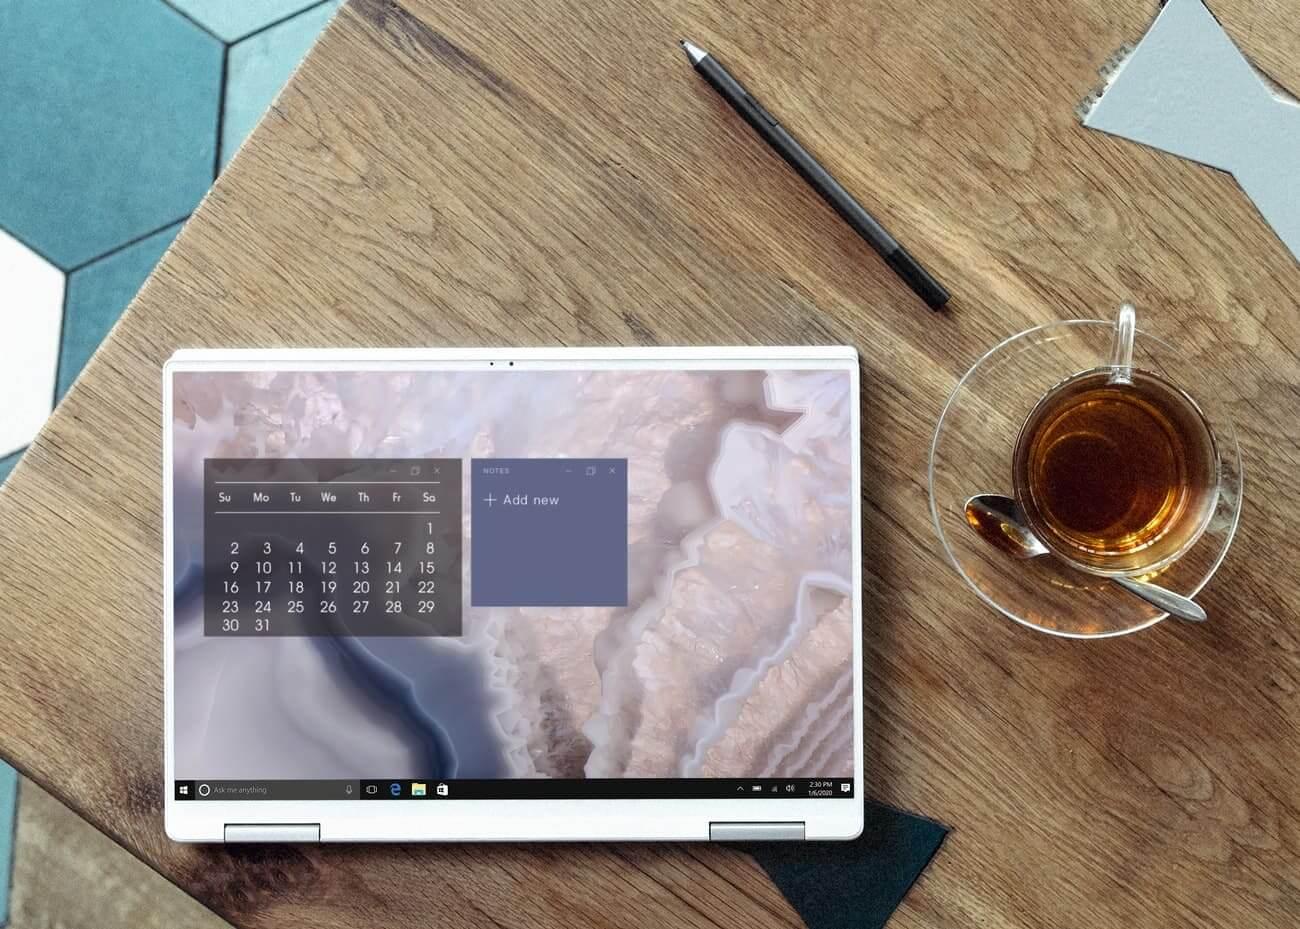 Создание и продвижение сайтов в оренбурге